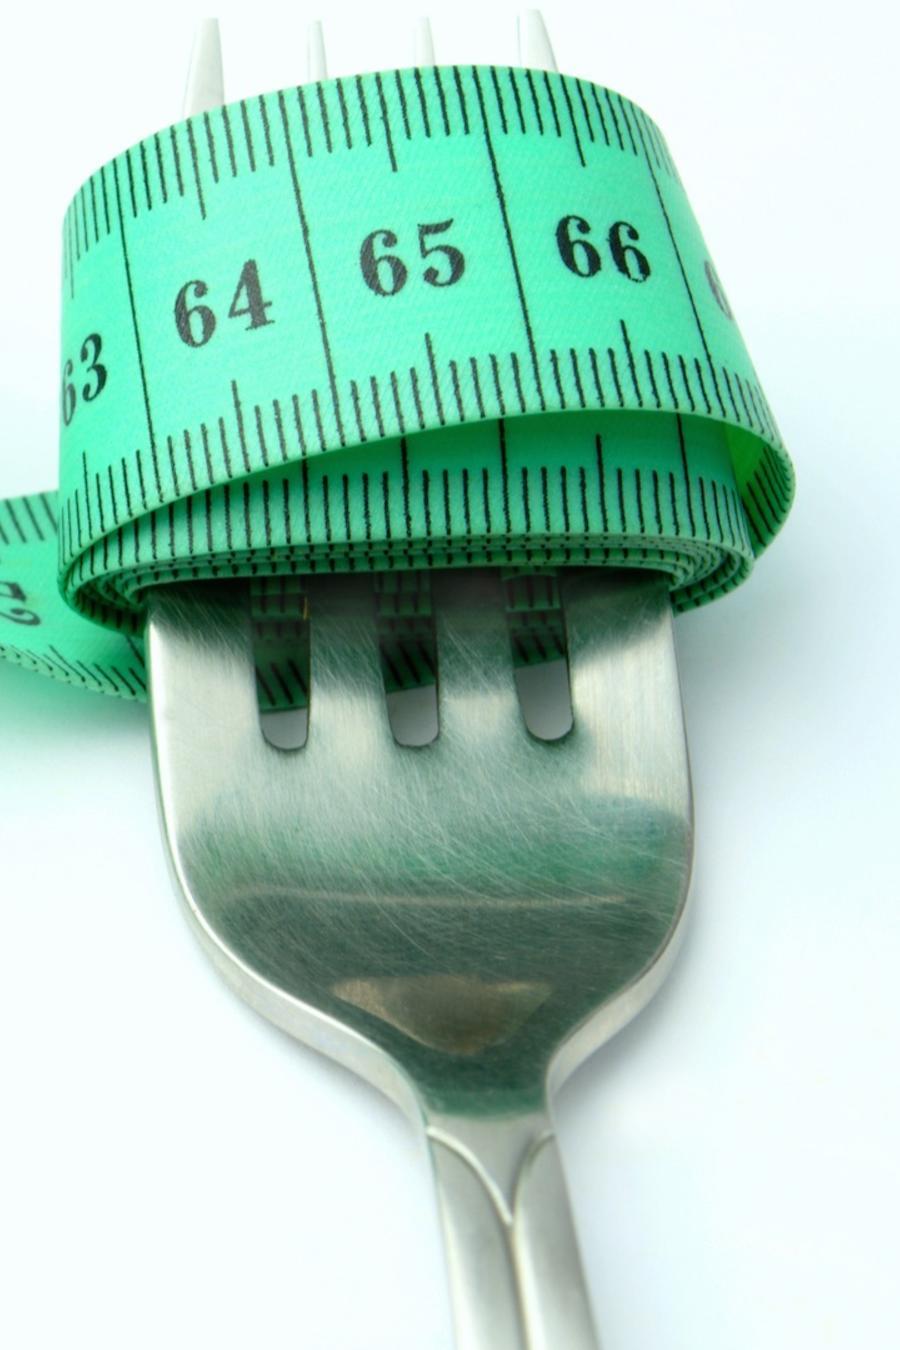 Tenedor con cinta métrica enrollada